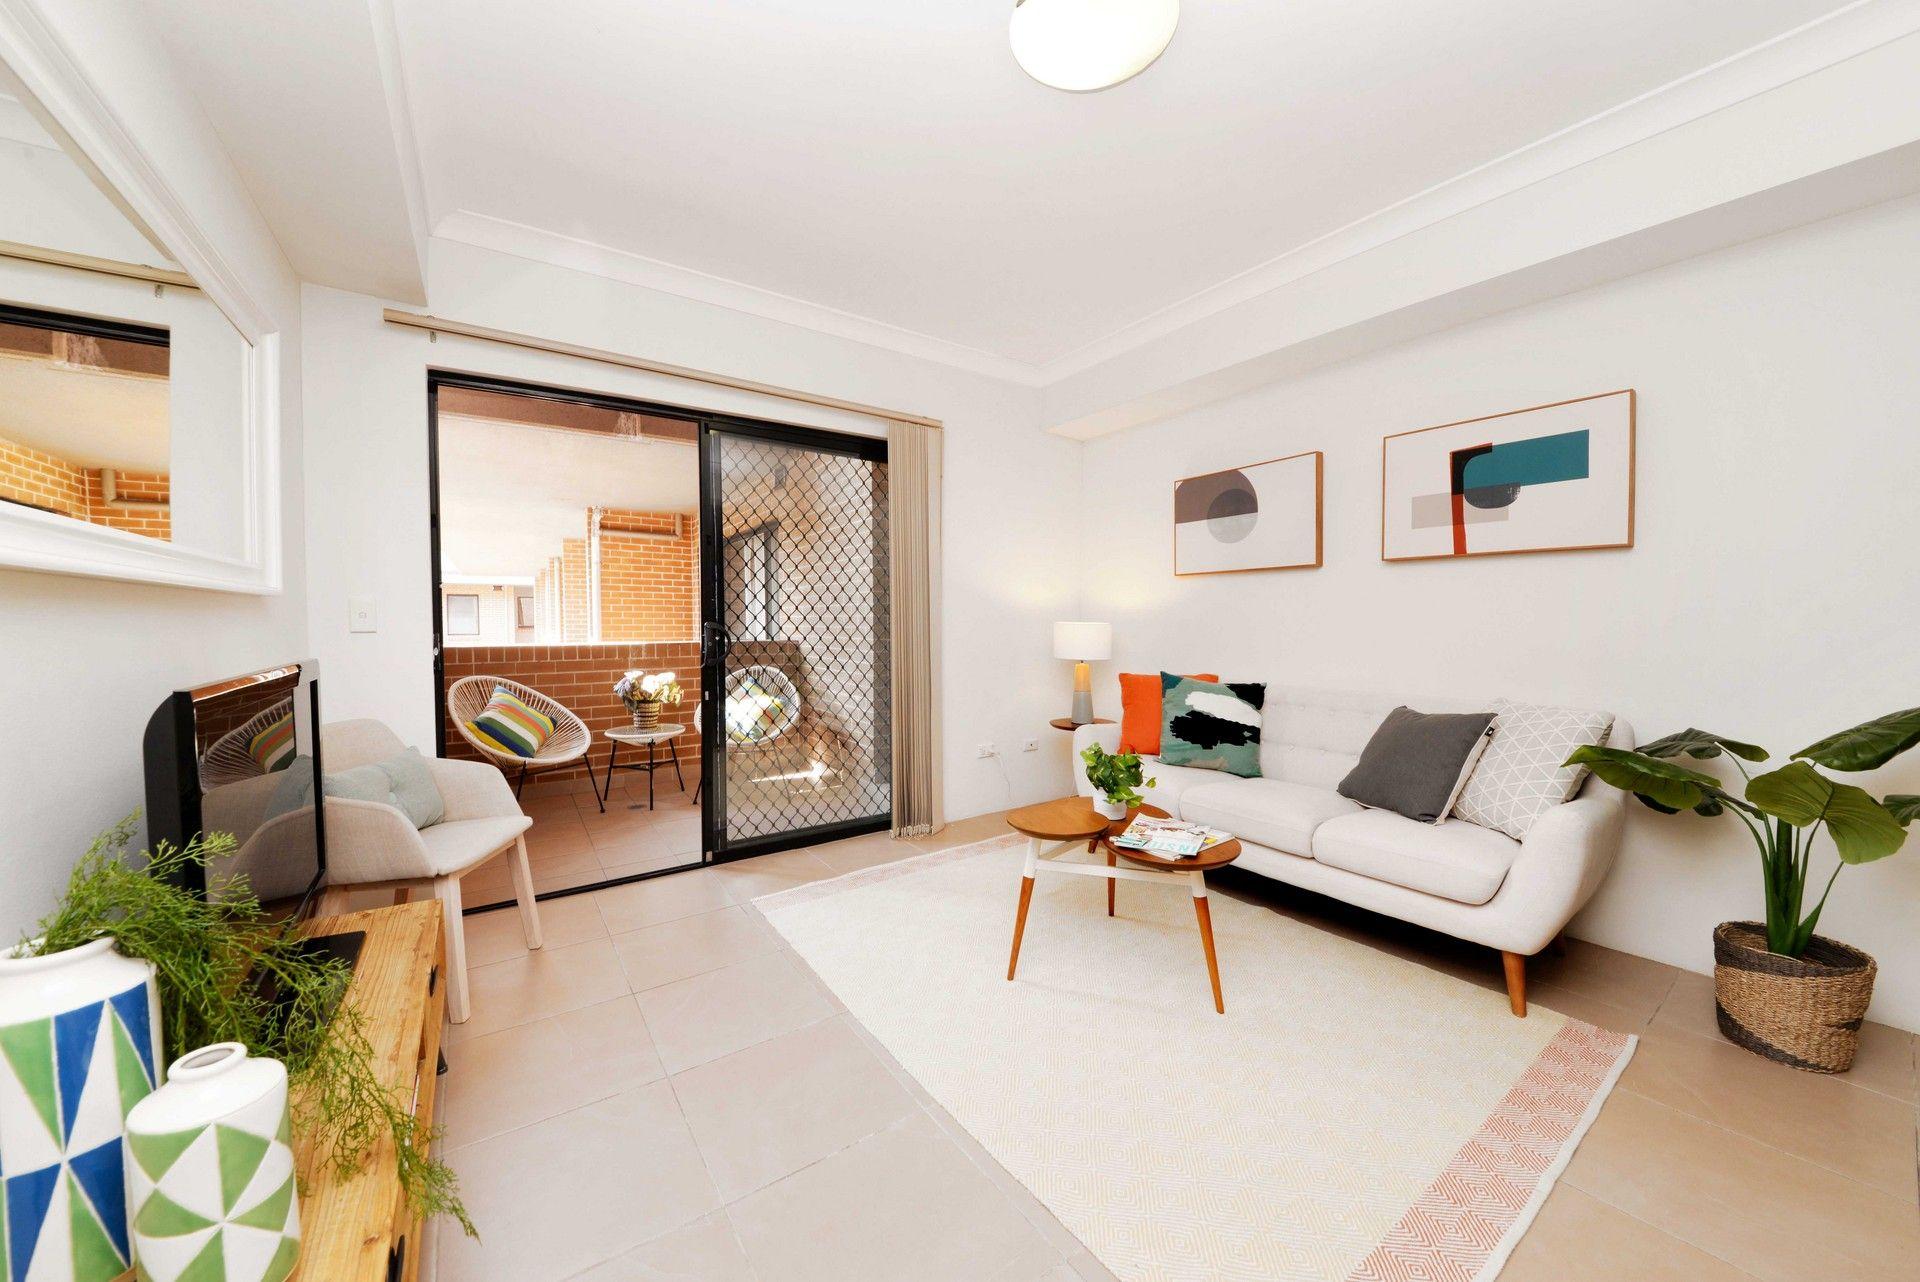 Real Estate For Sale - 20/9-21 Hillcrest Street - Homebush , nsw